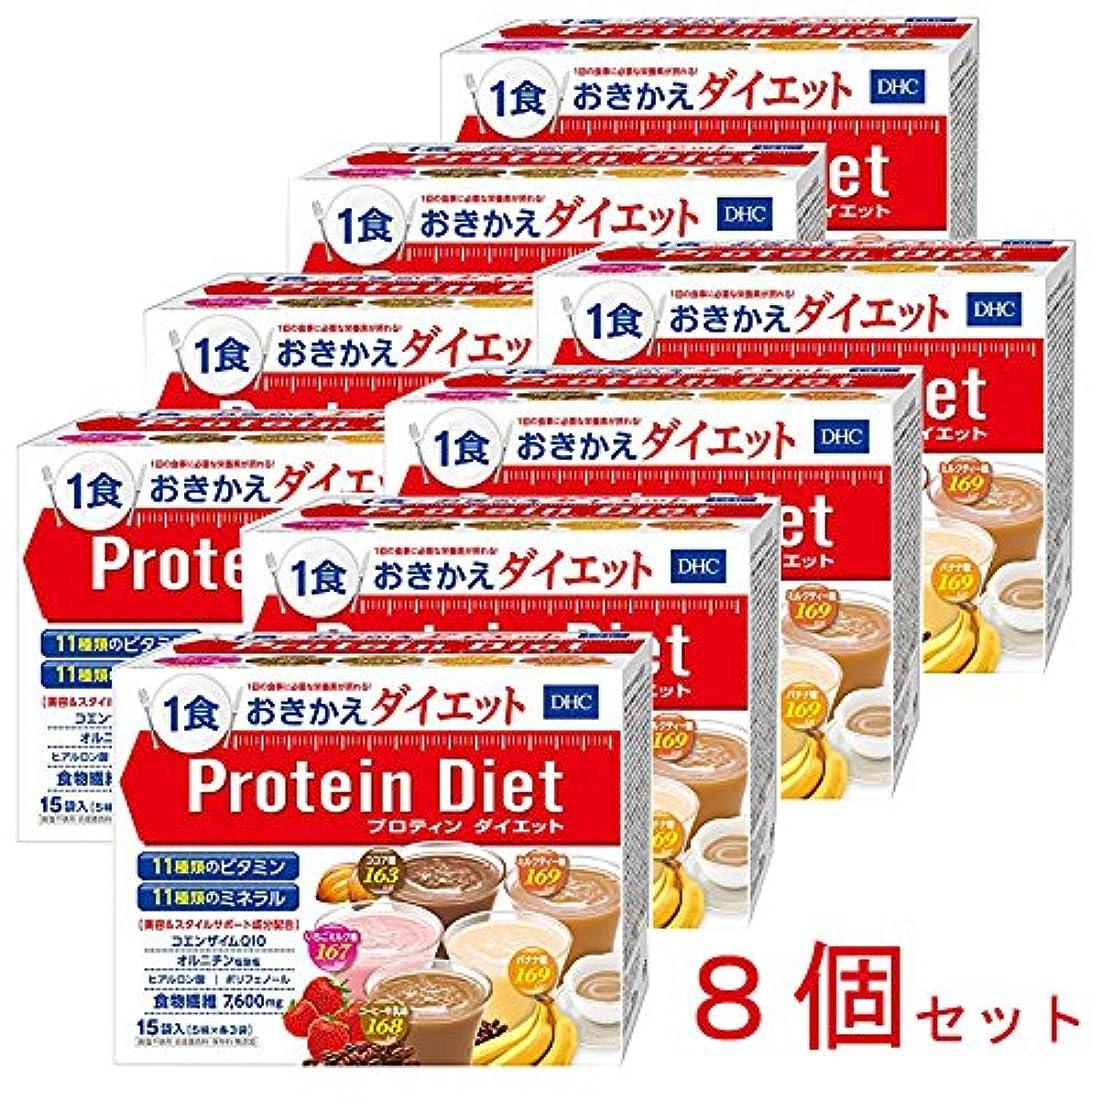 湿原トムオードリース裁量DHC プロティンダイエット 1箱15袋入 8箱セット 1食169kcal以下&栄養バッチリ! リニューアル